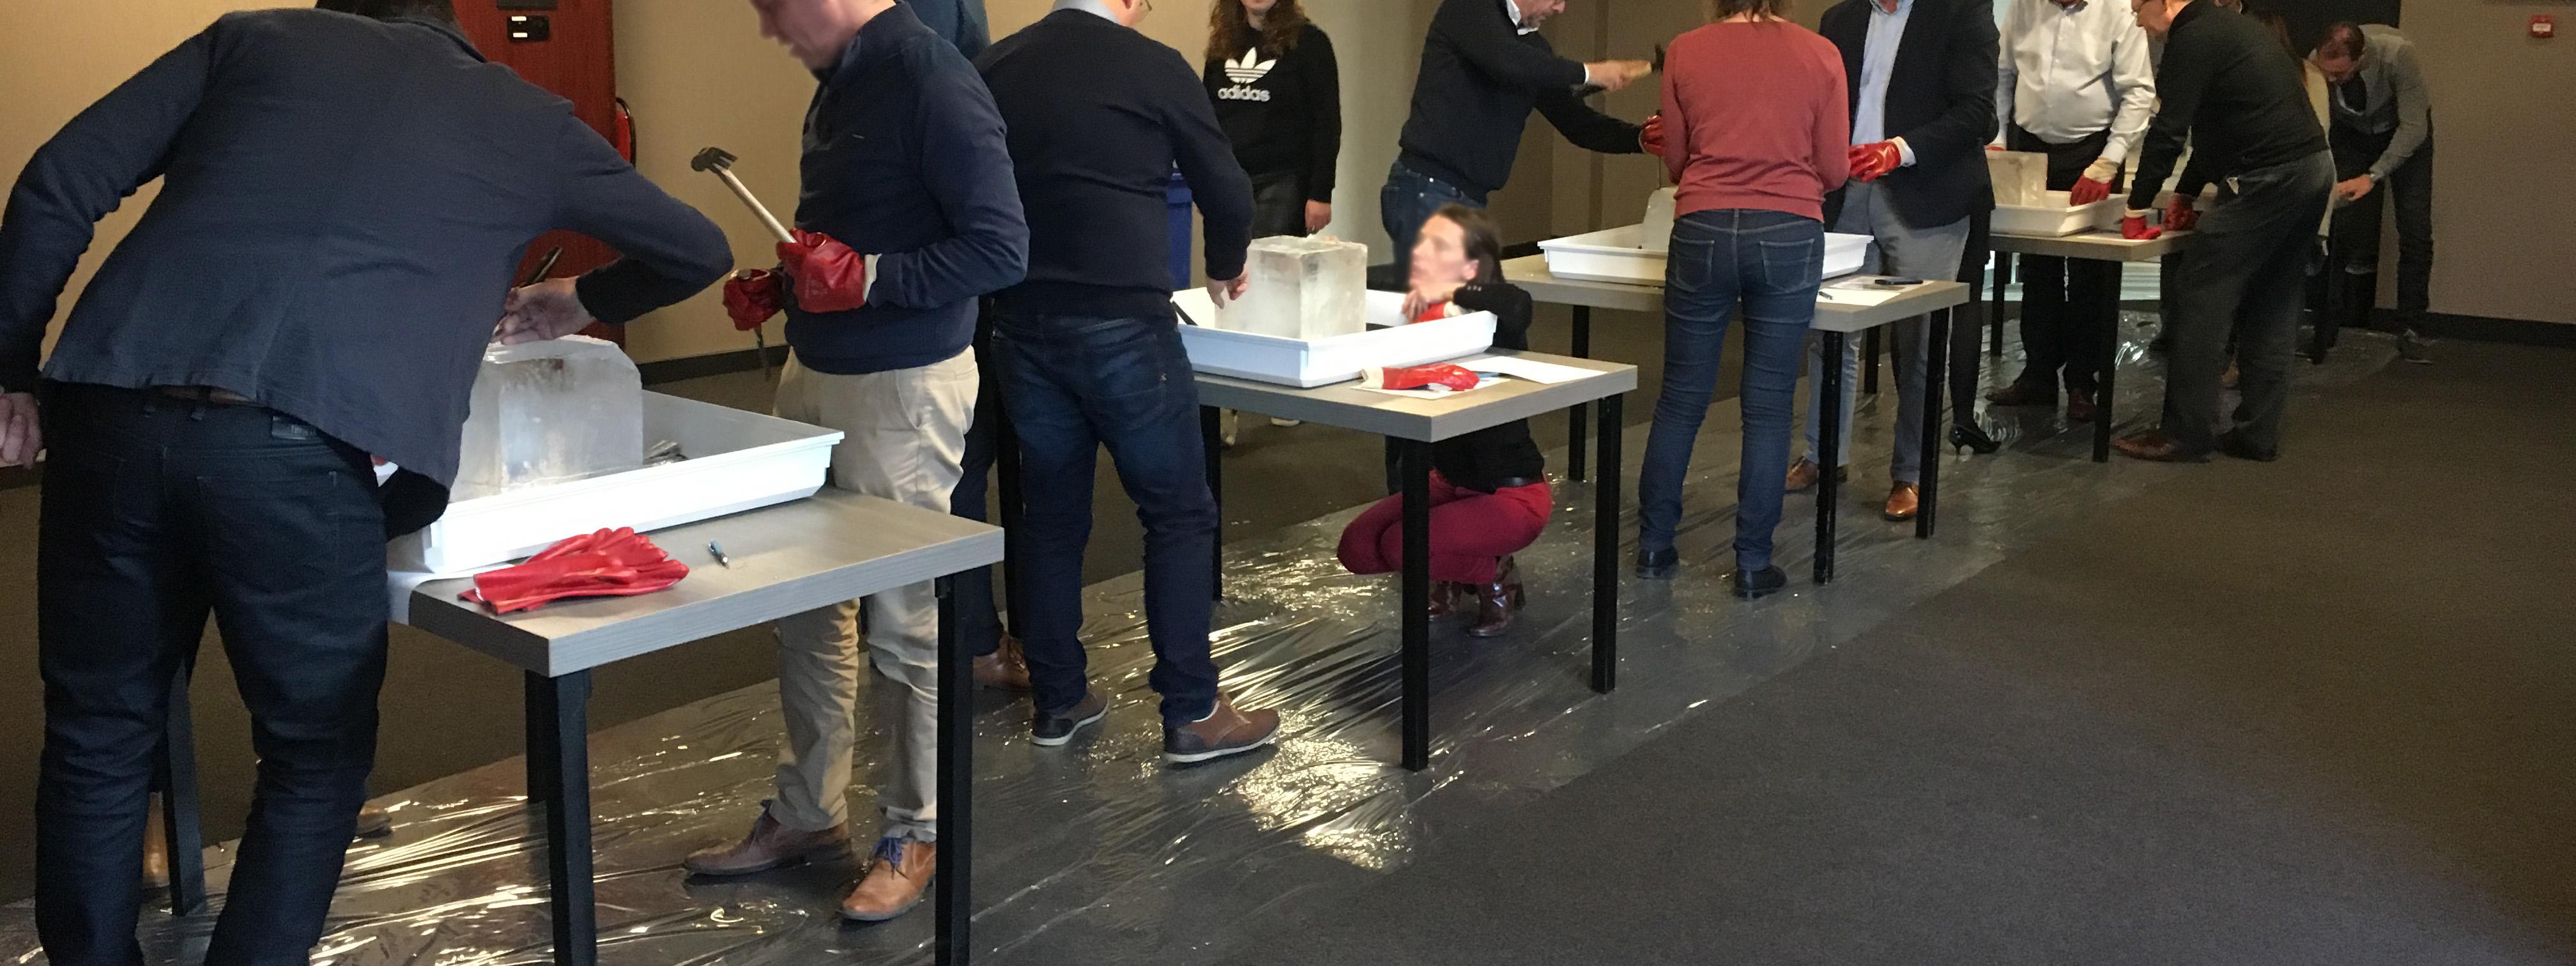 teamuitje-den-bosch-workshop-ijssculpturen